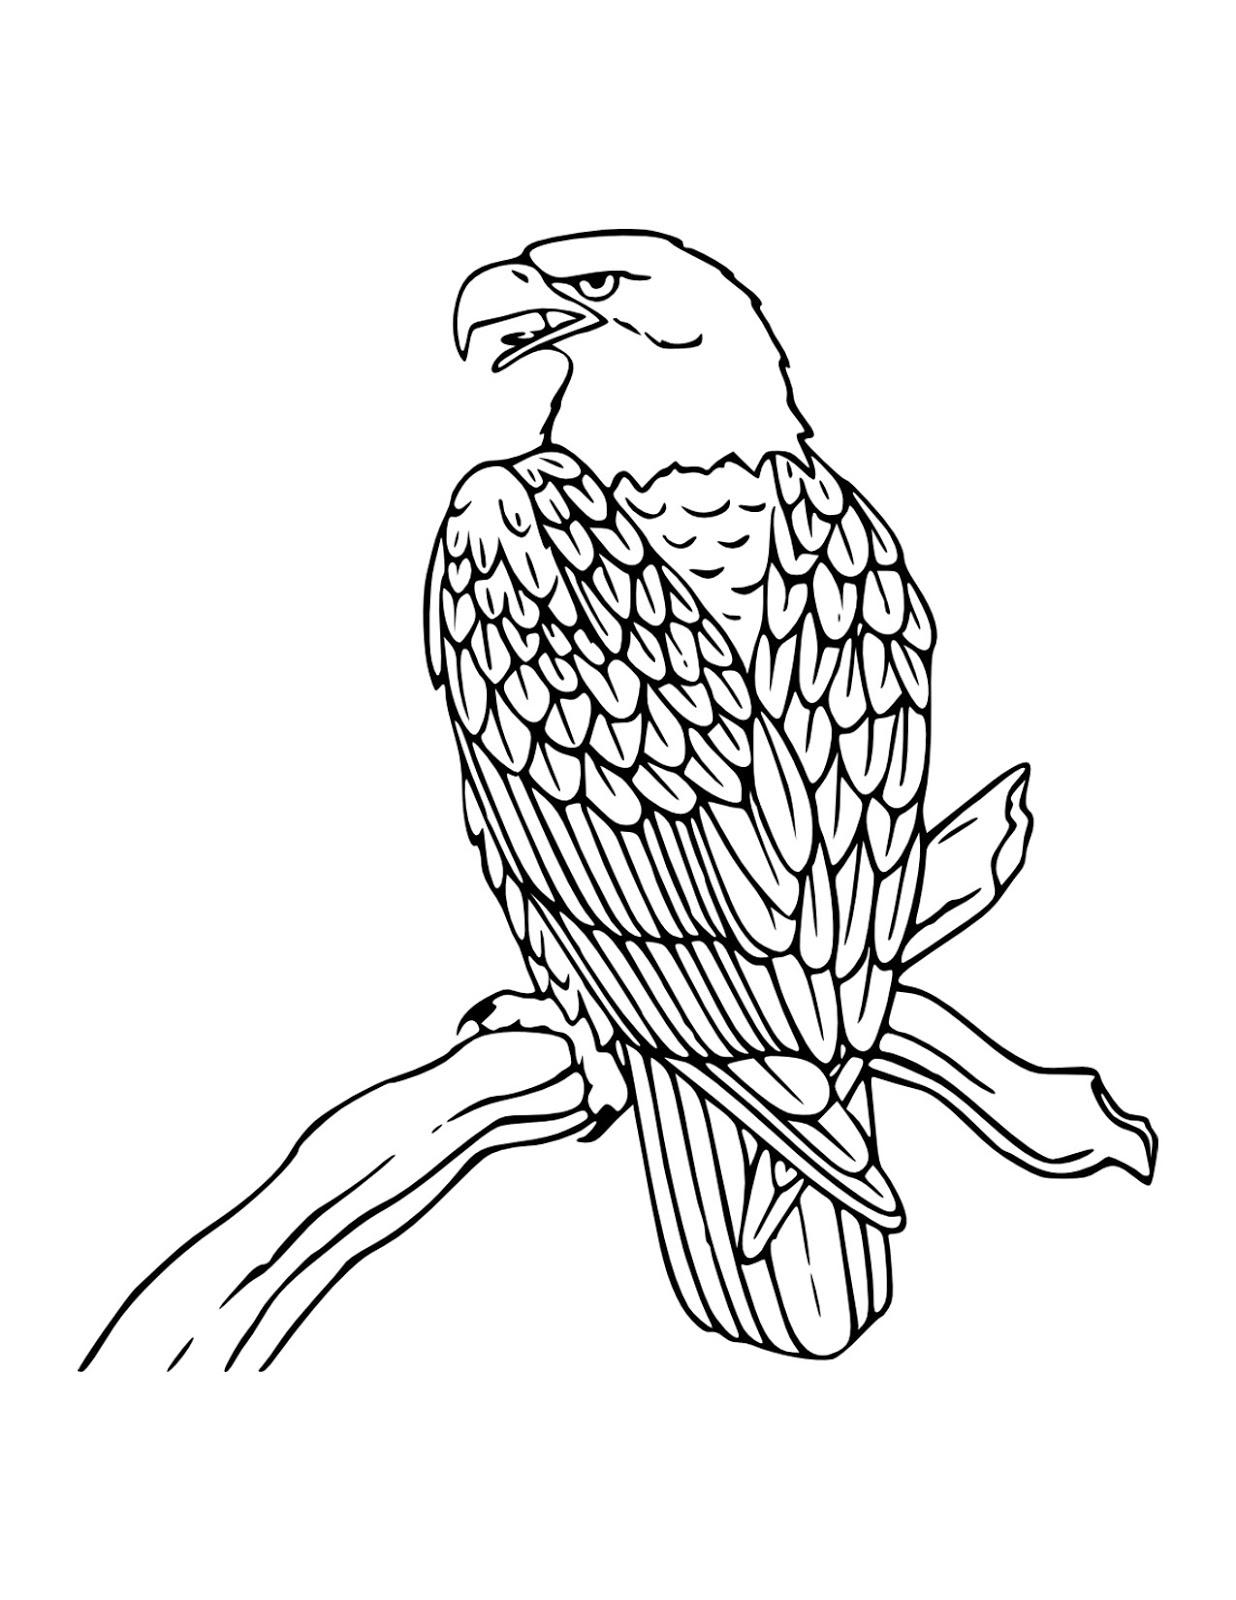 mewarnai gambar burung garuda gambar burung elang jawa gambar burung elang gambar